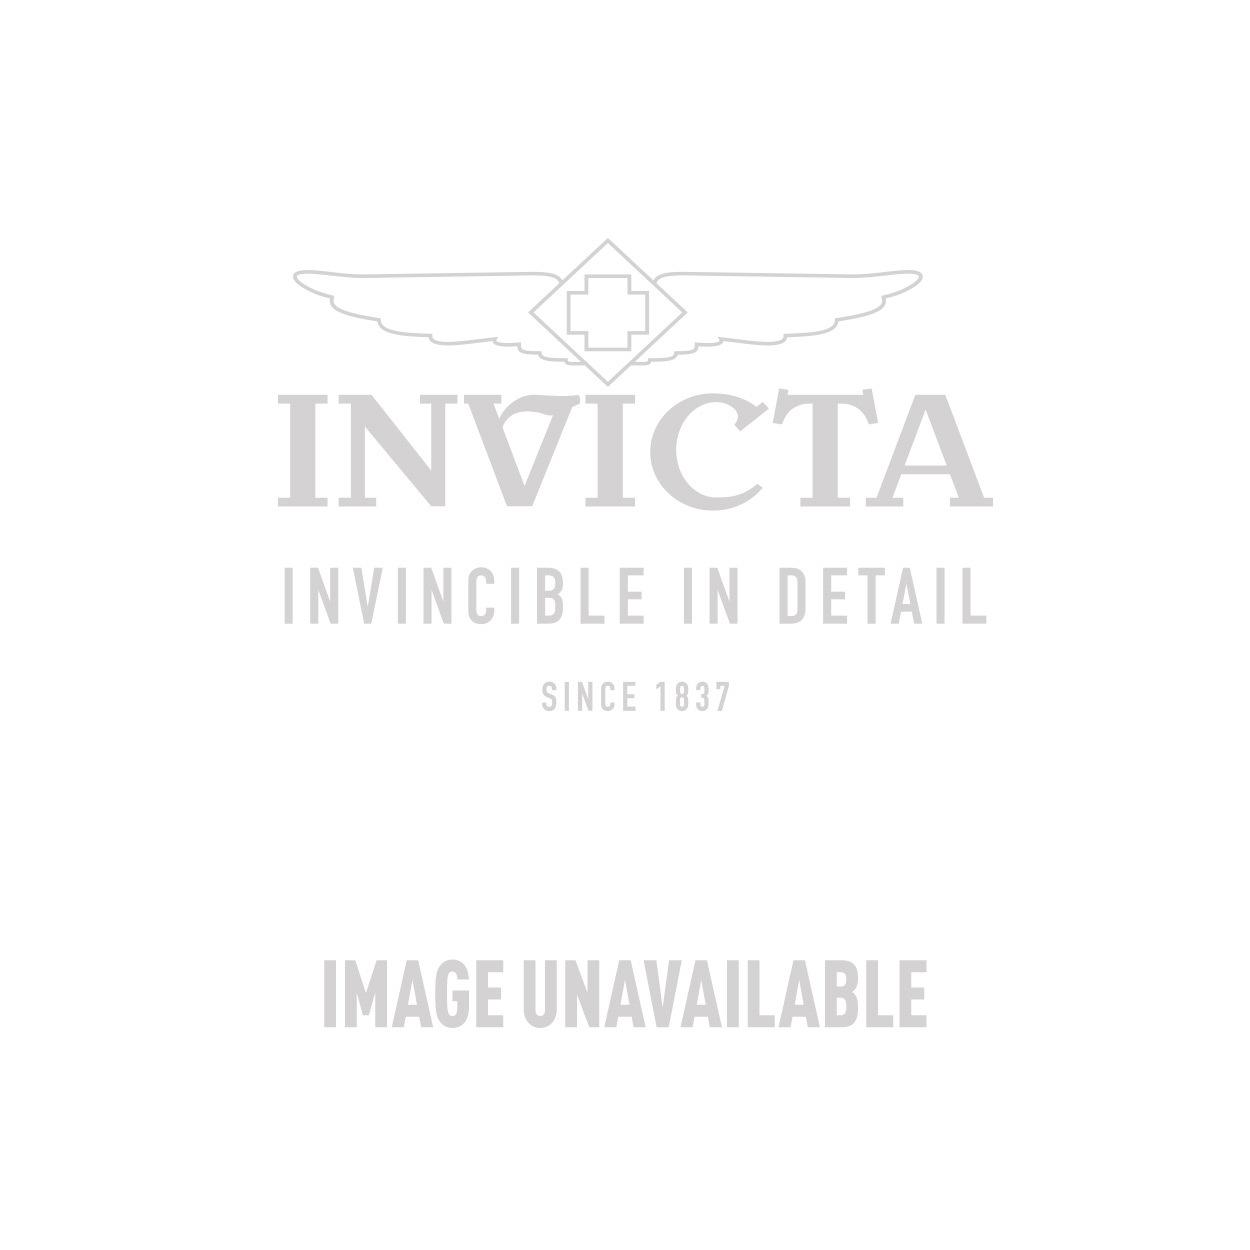 Invicta Model 28113